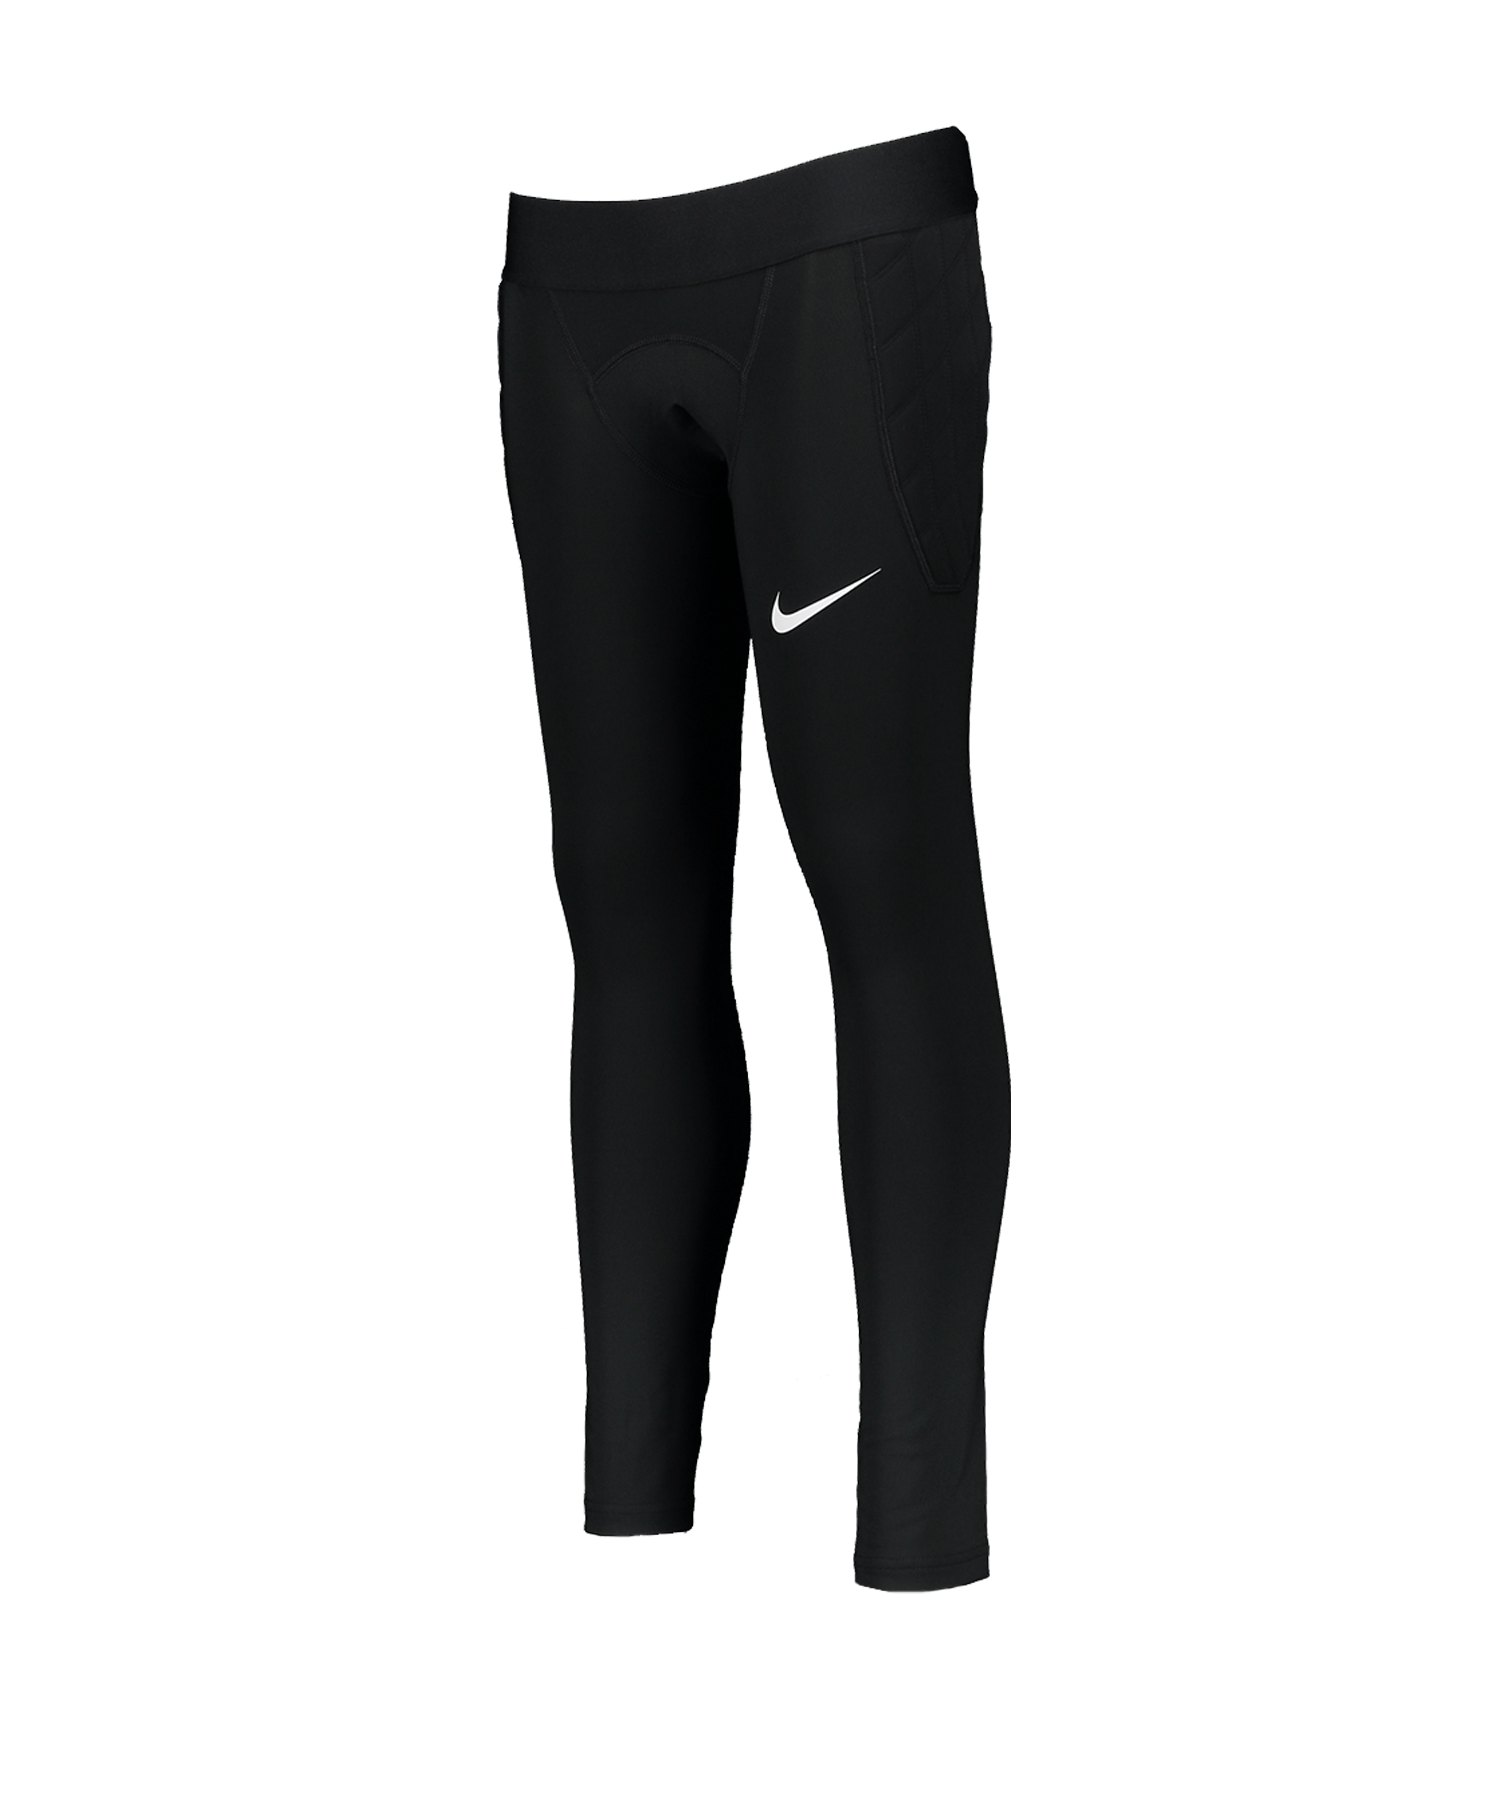 Nike Gardien Tight Torwarthose Kids F010 - schwarz